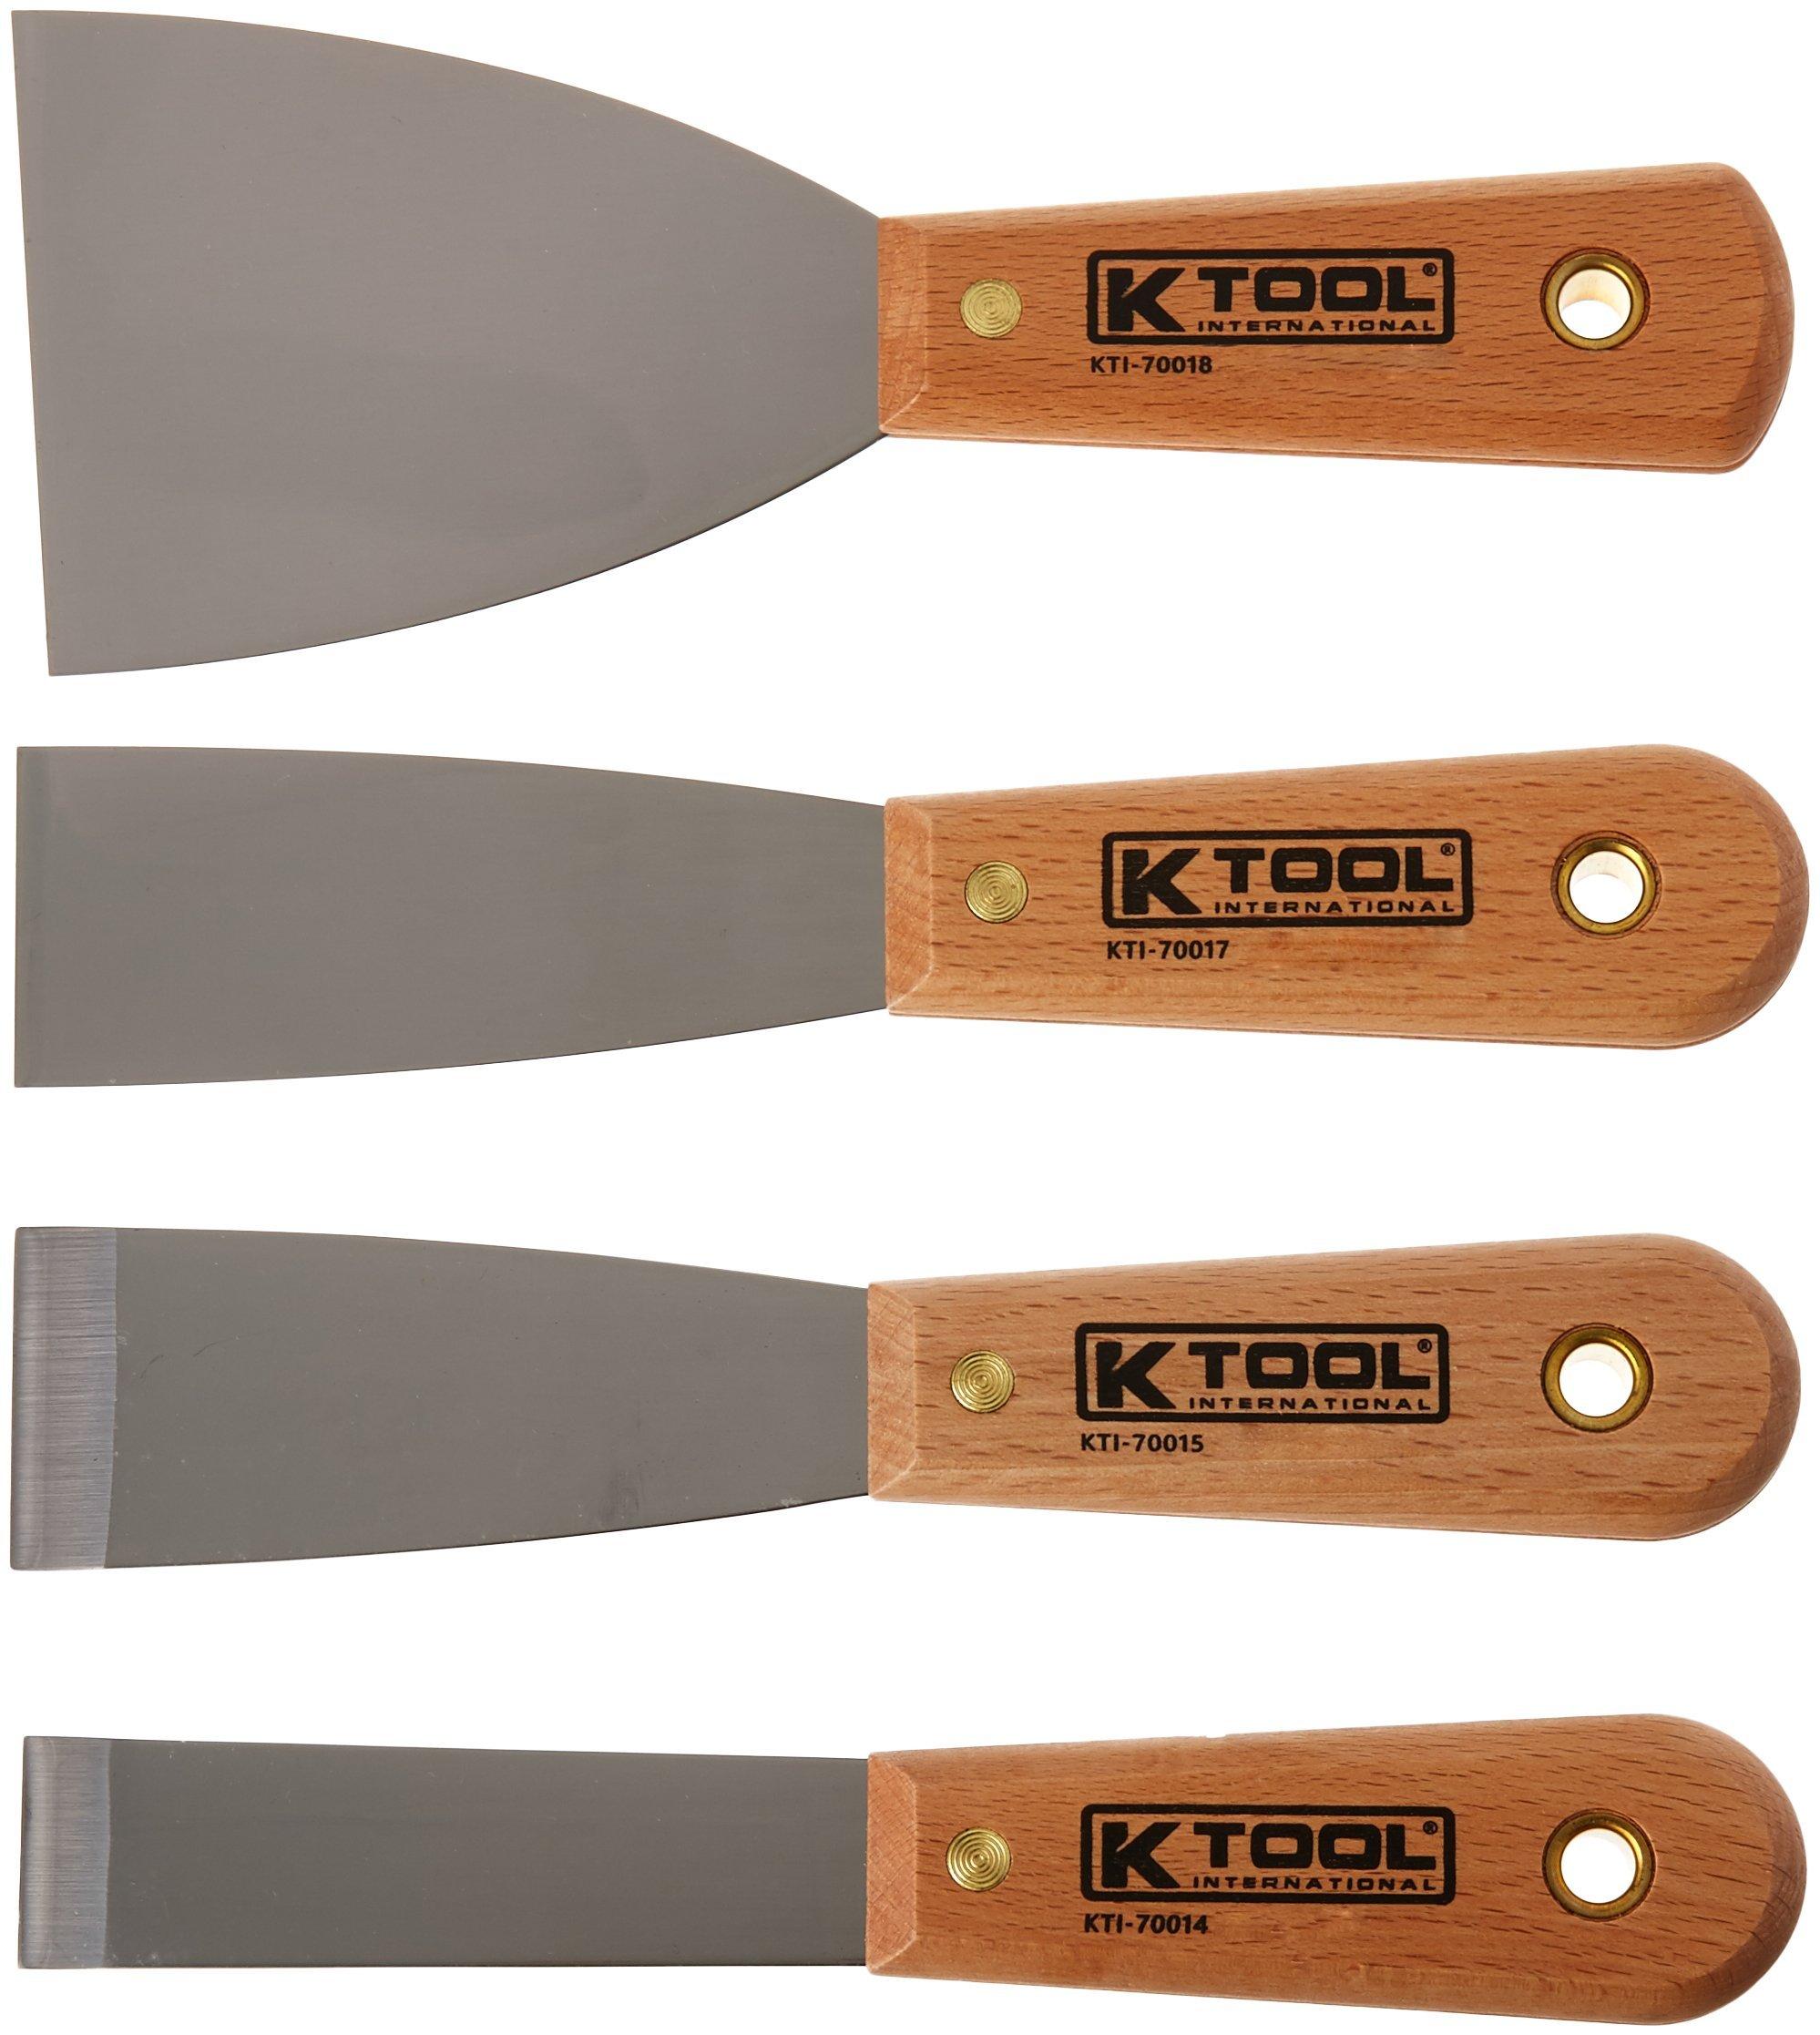 K-Tool International KTI (KTI-70004) Scraper/Putty Knife Set